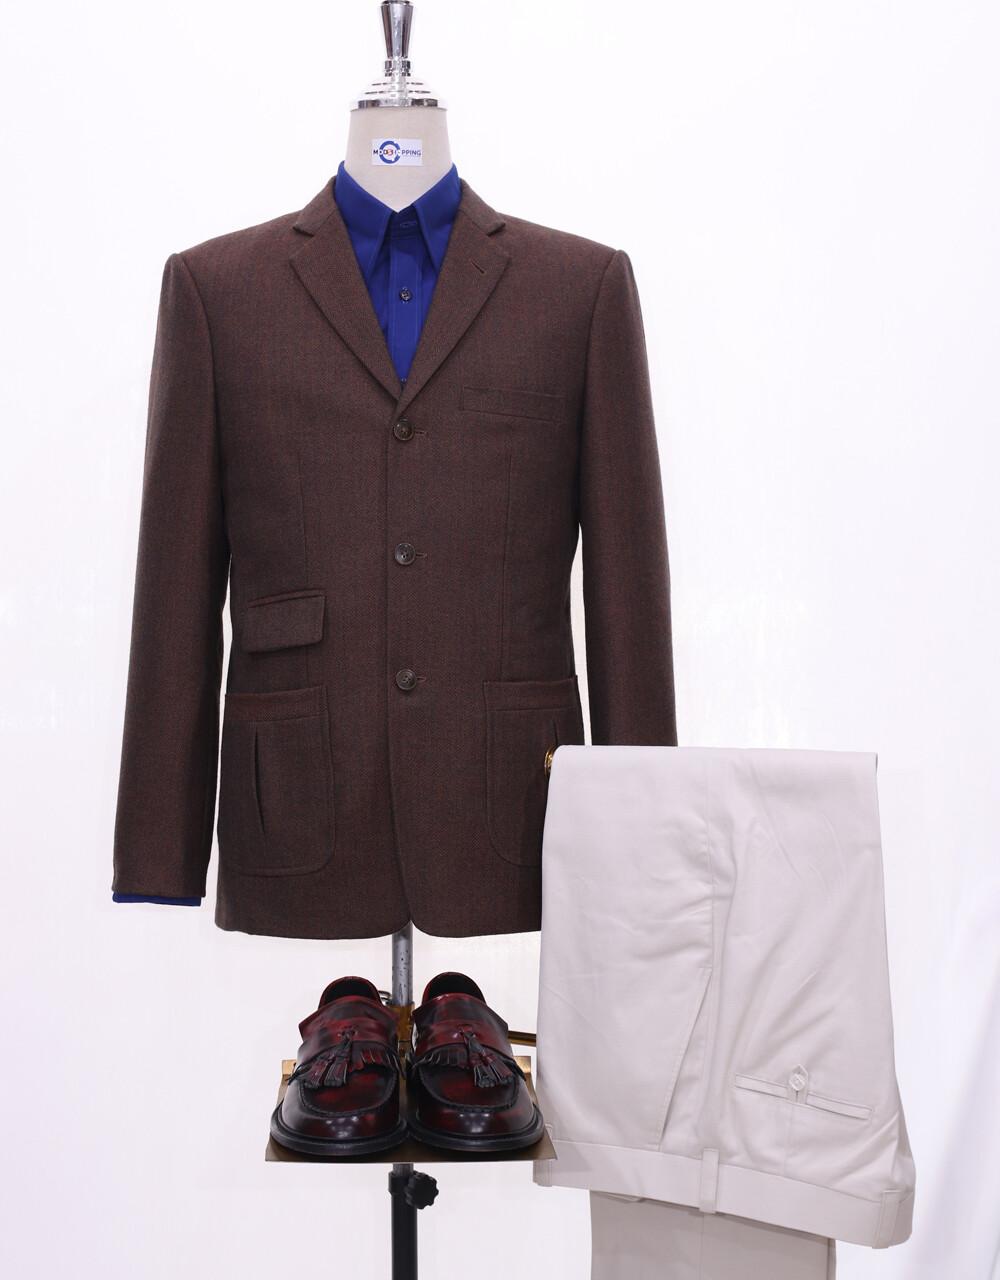 Herringbone Jacket | 60s Style Brown Tweed Jacket